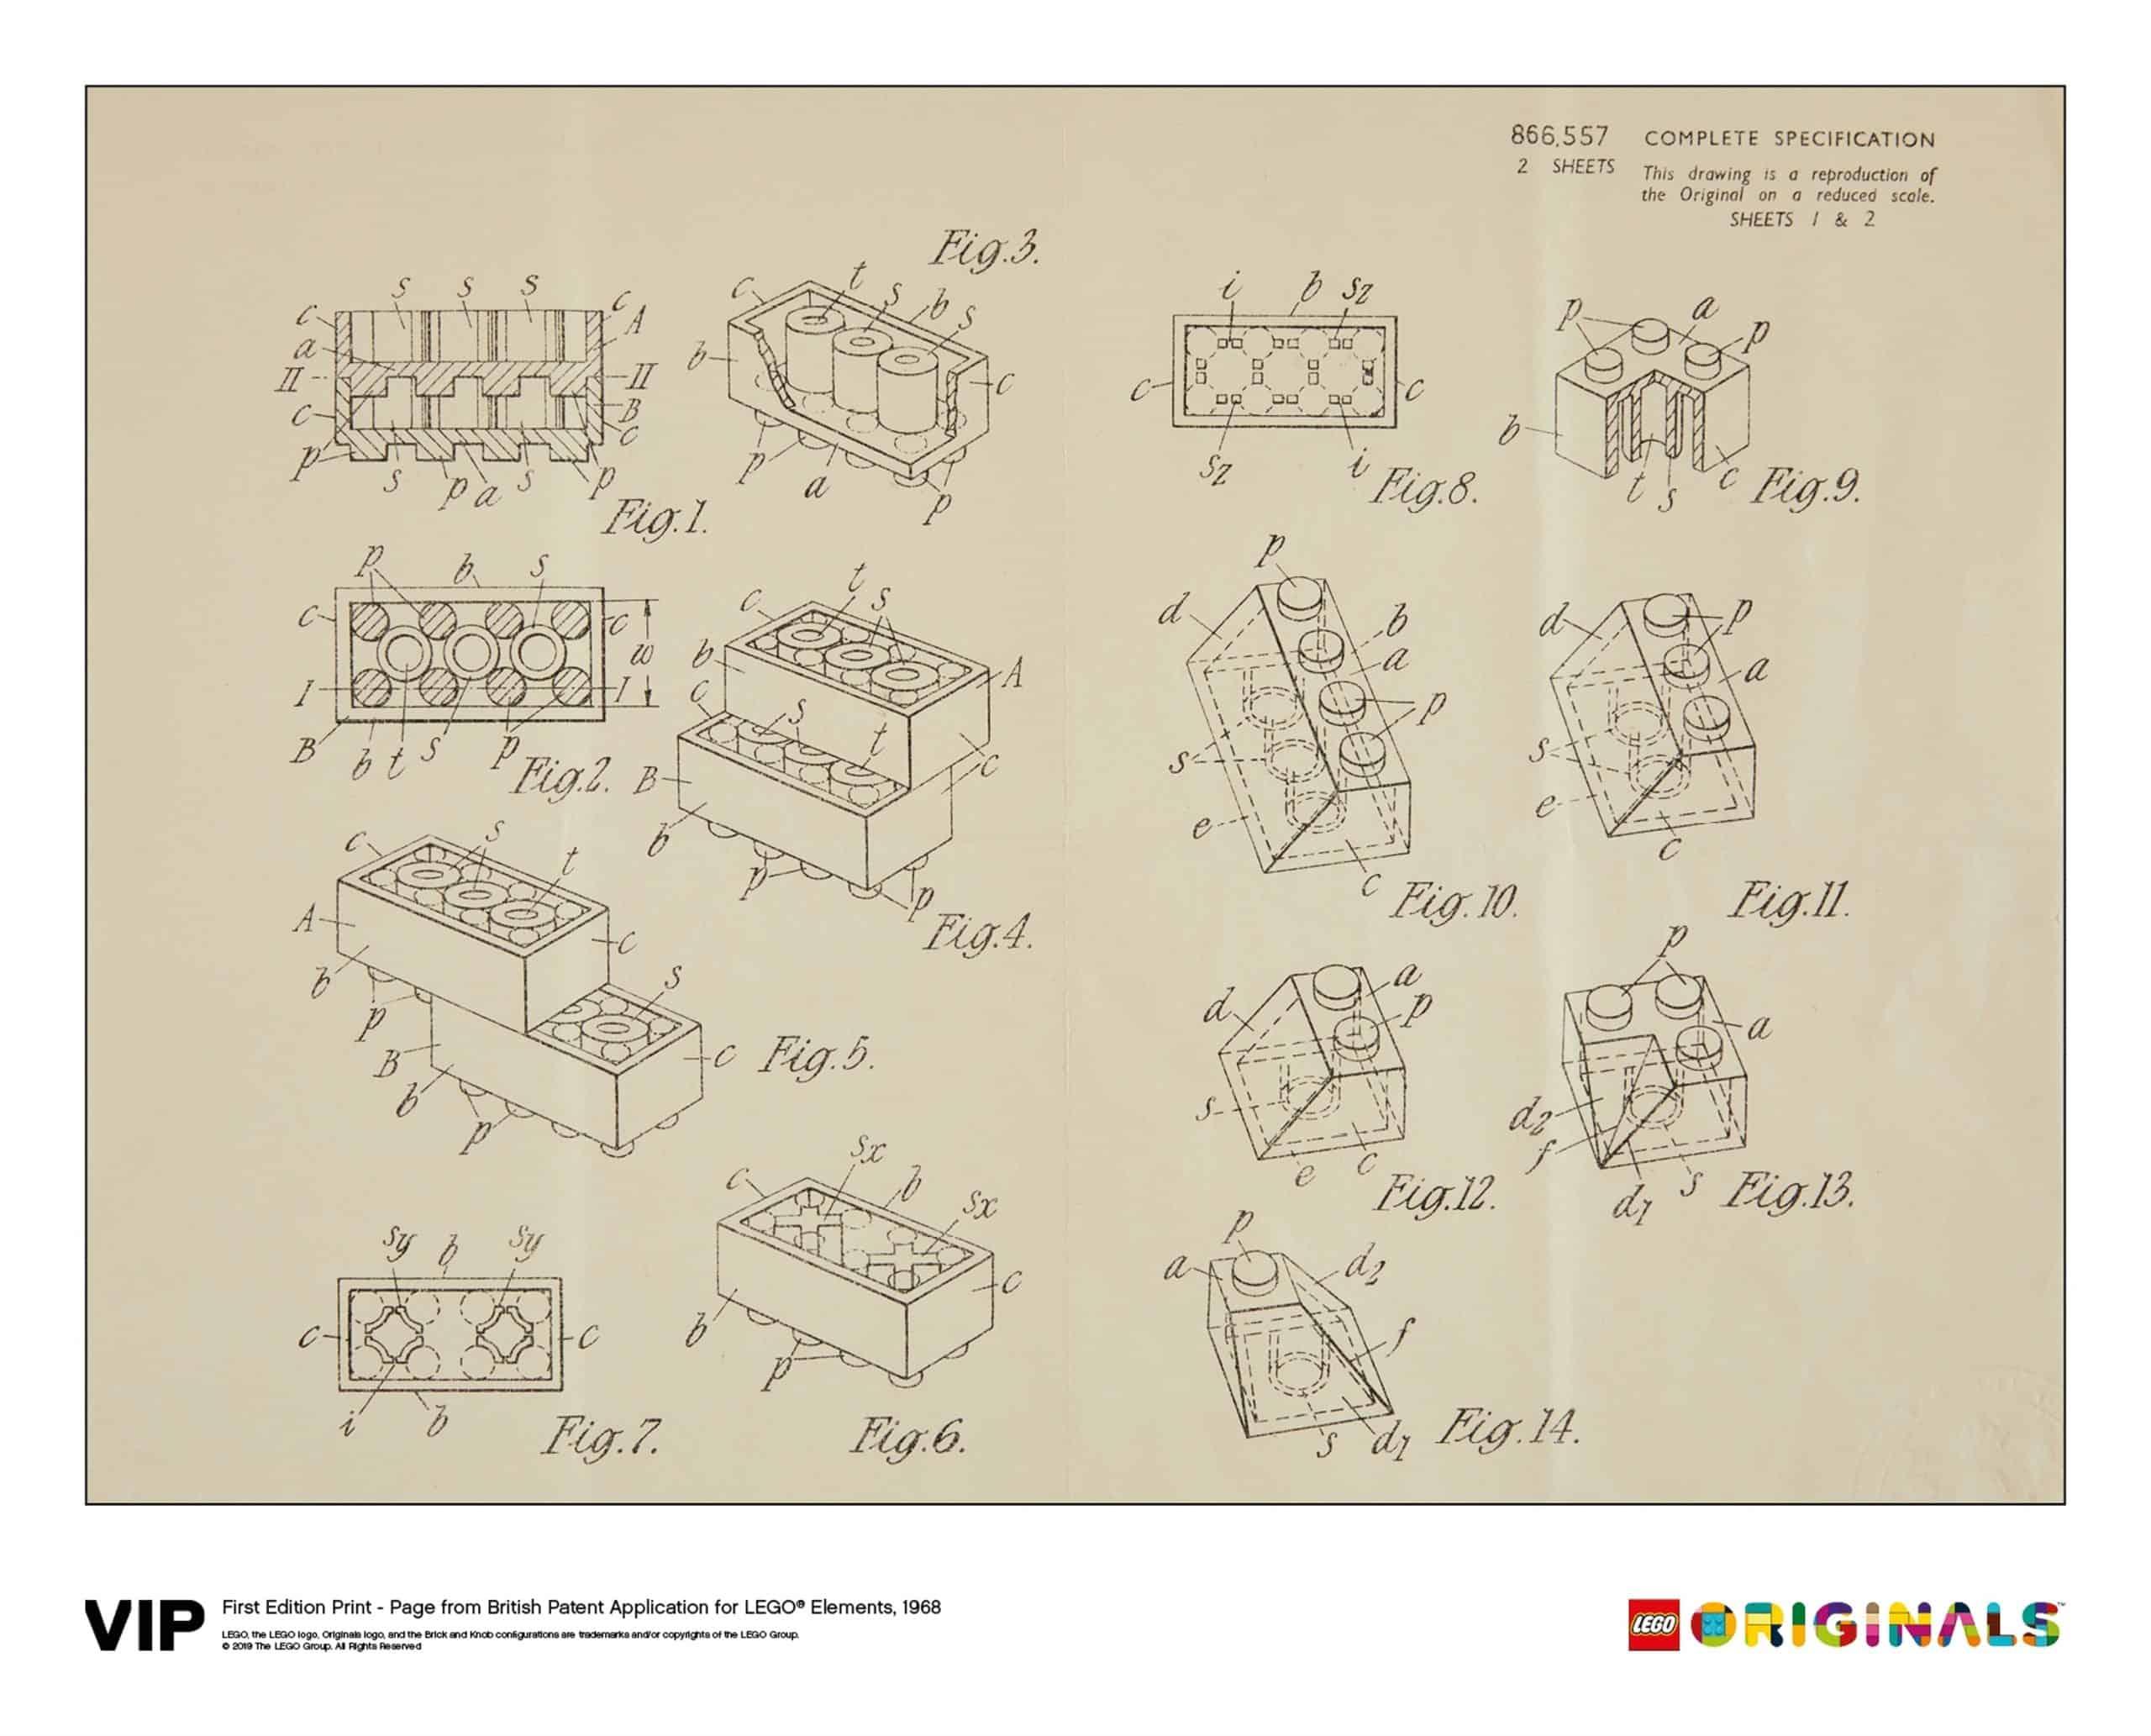 lego 5006004 britisk patenttegning 1968 1 udgave scaled